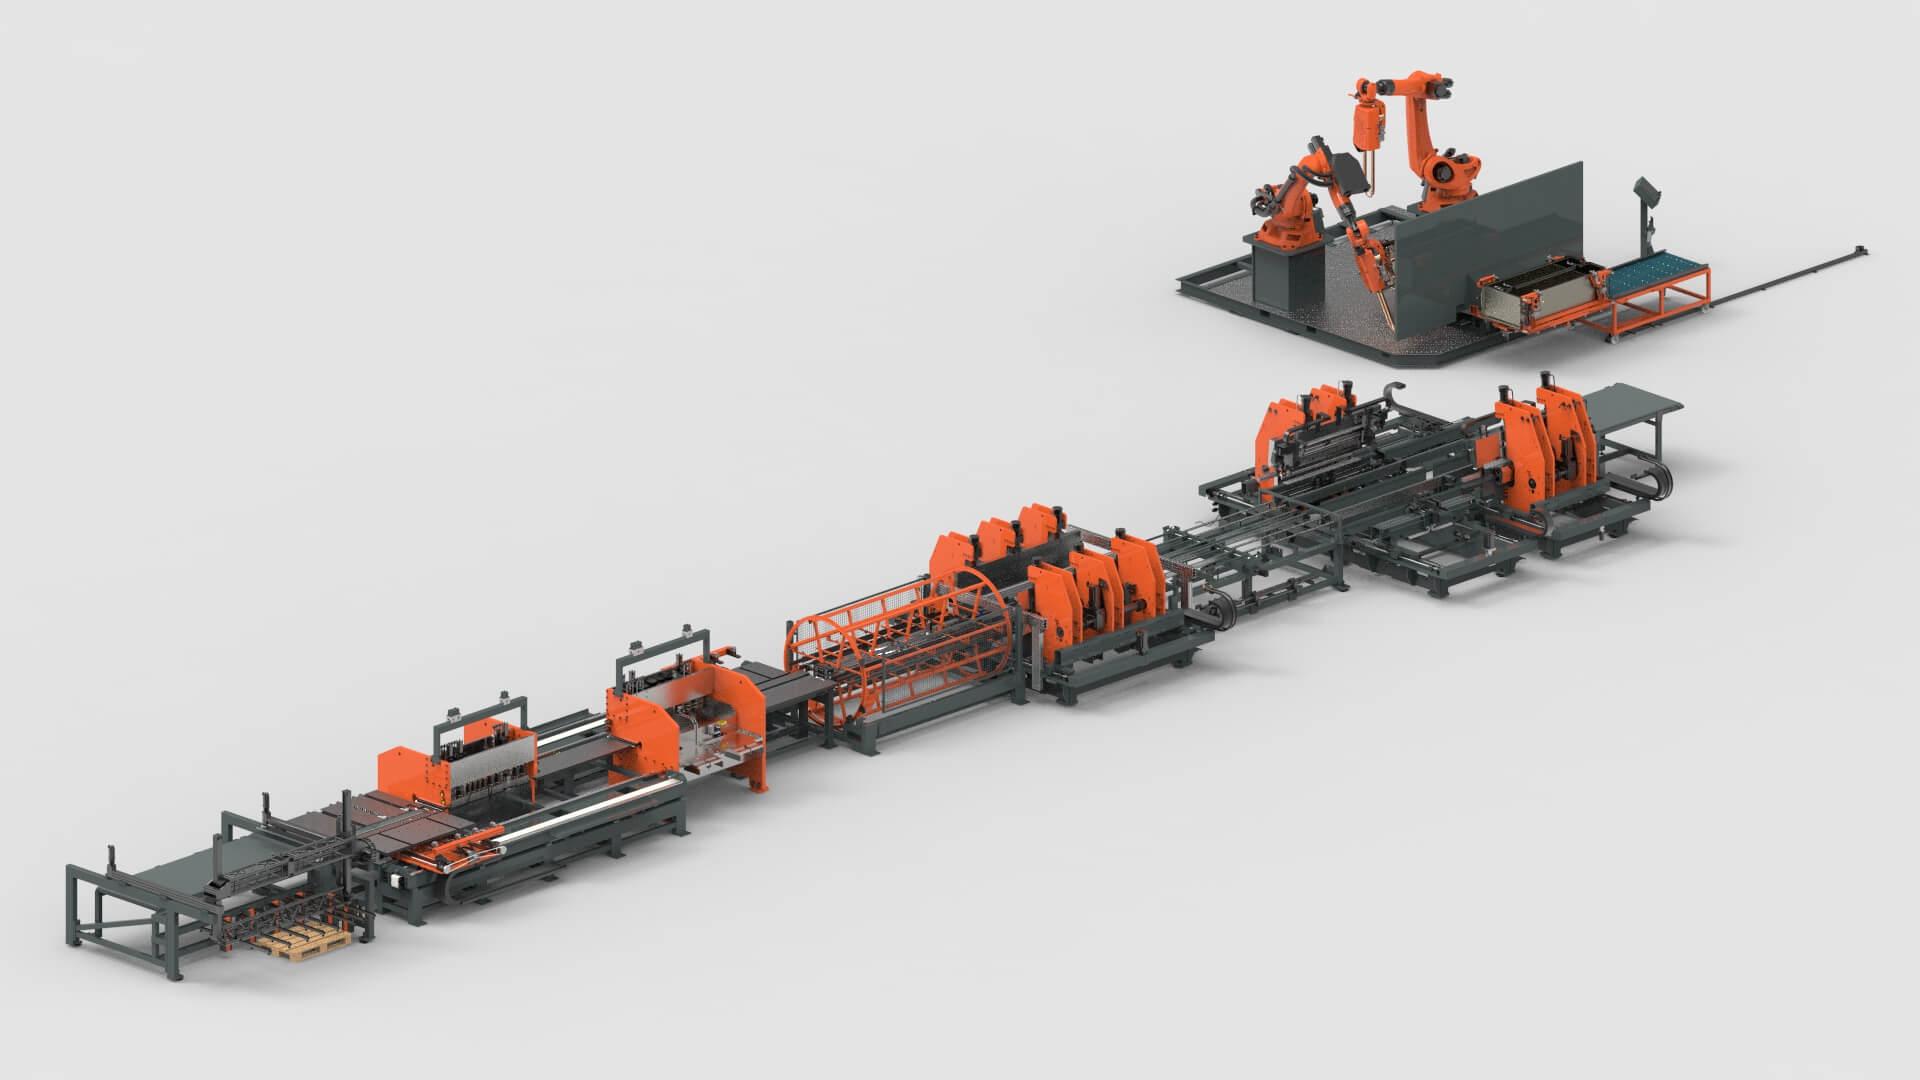 wemo-stahlschränke-stanzen-biegen-roboter-schweissen-produktionslinie.jpg